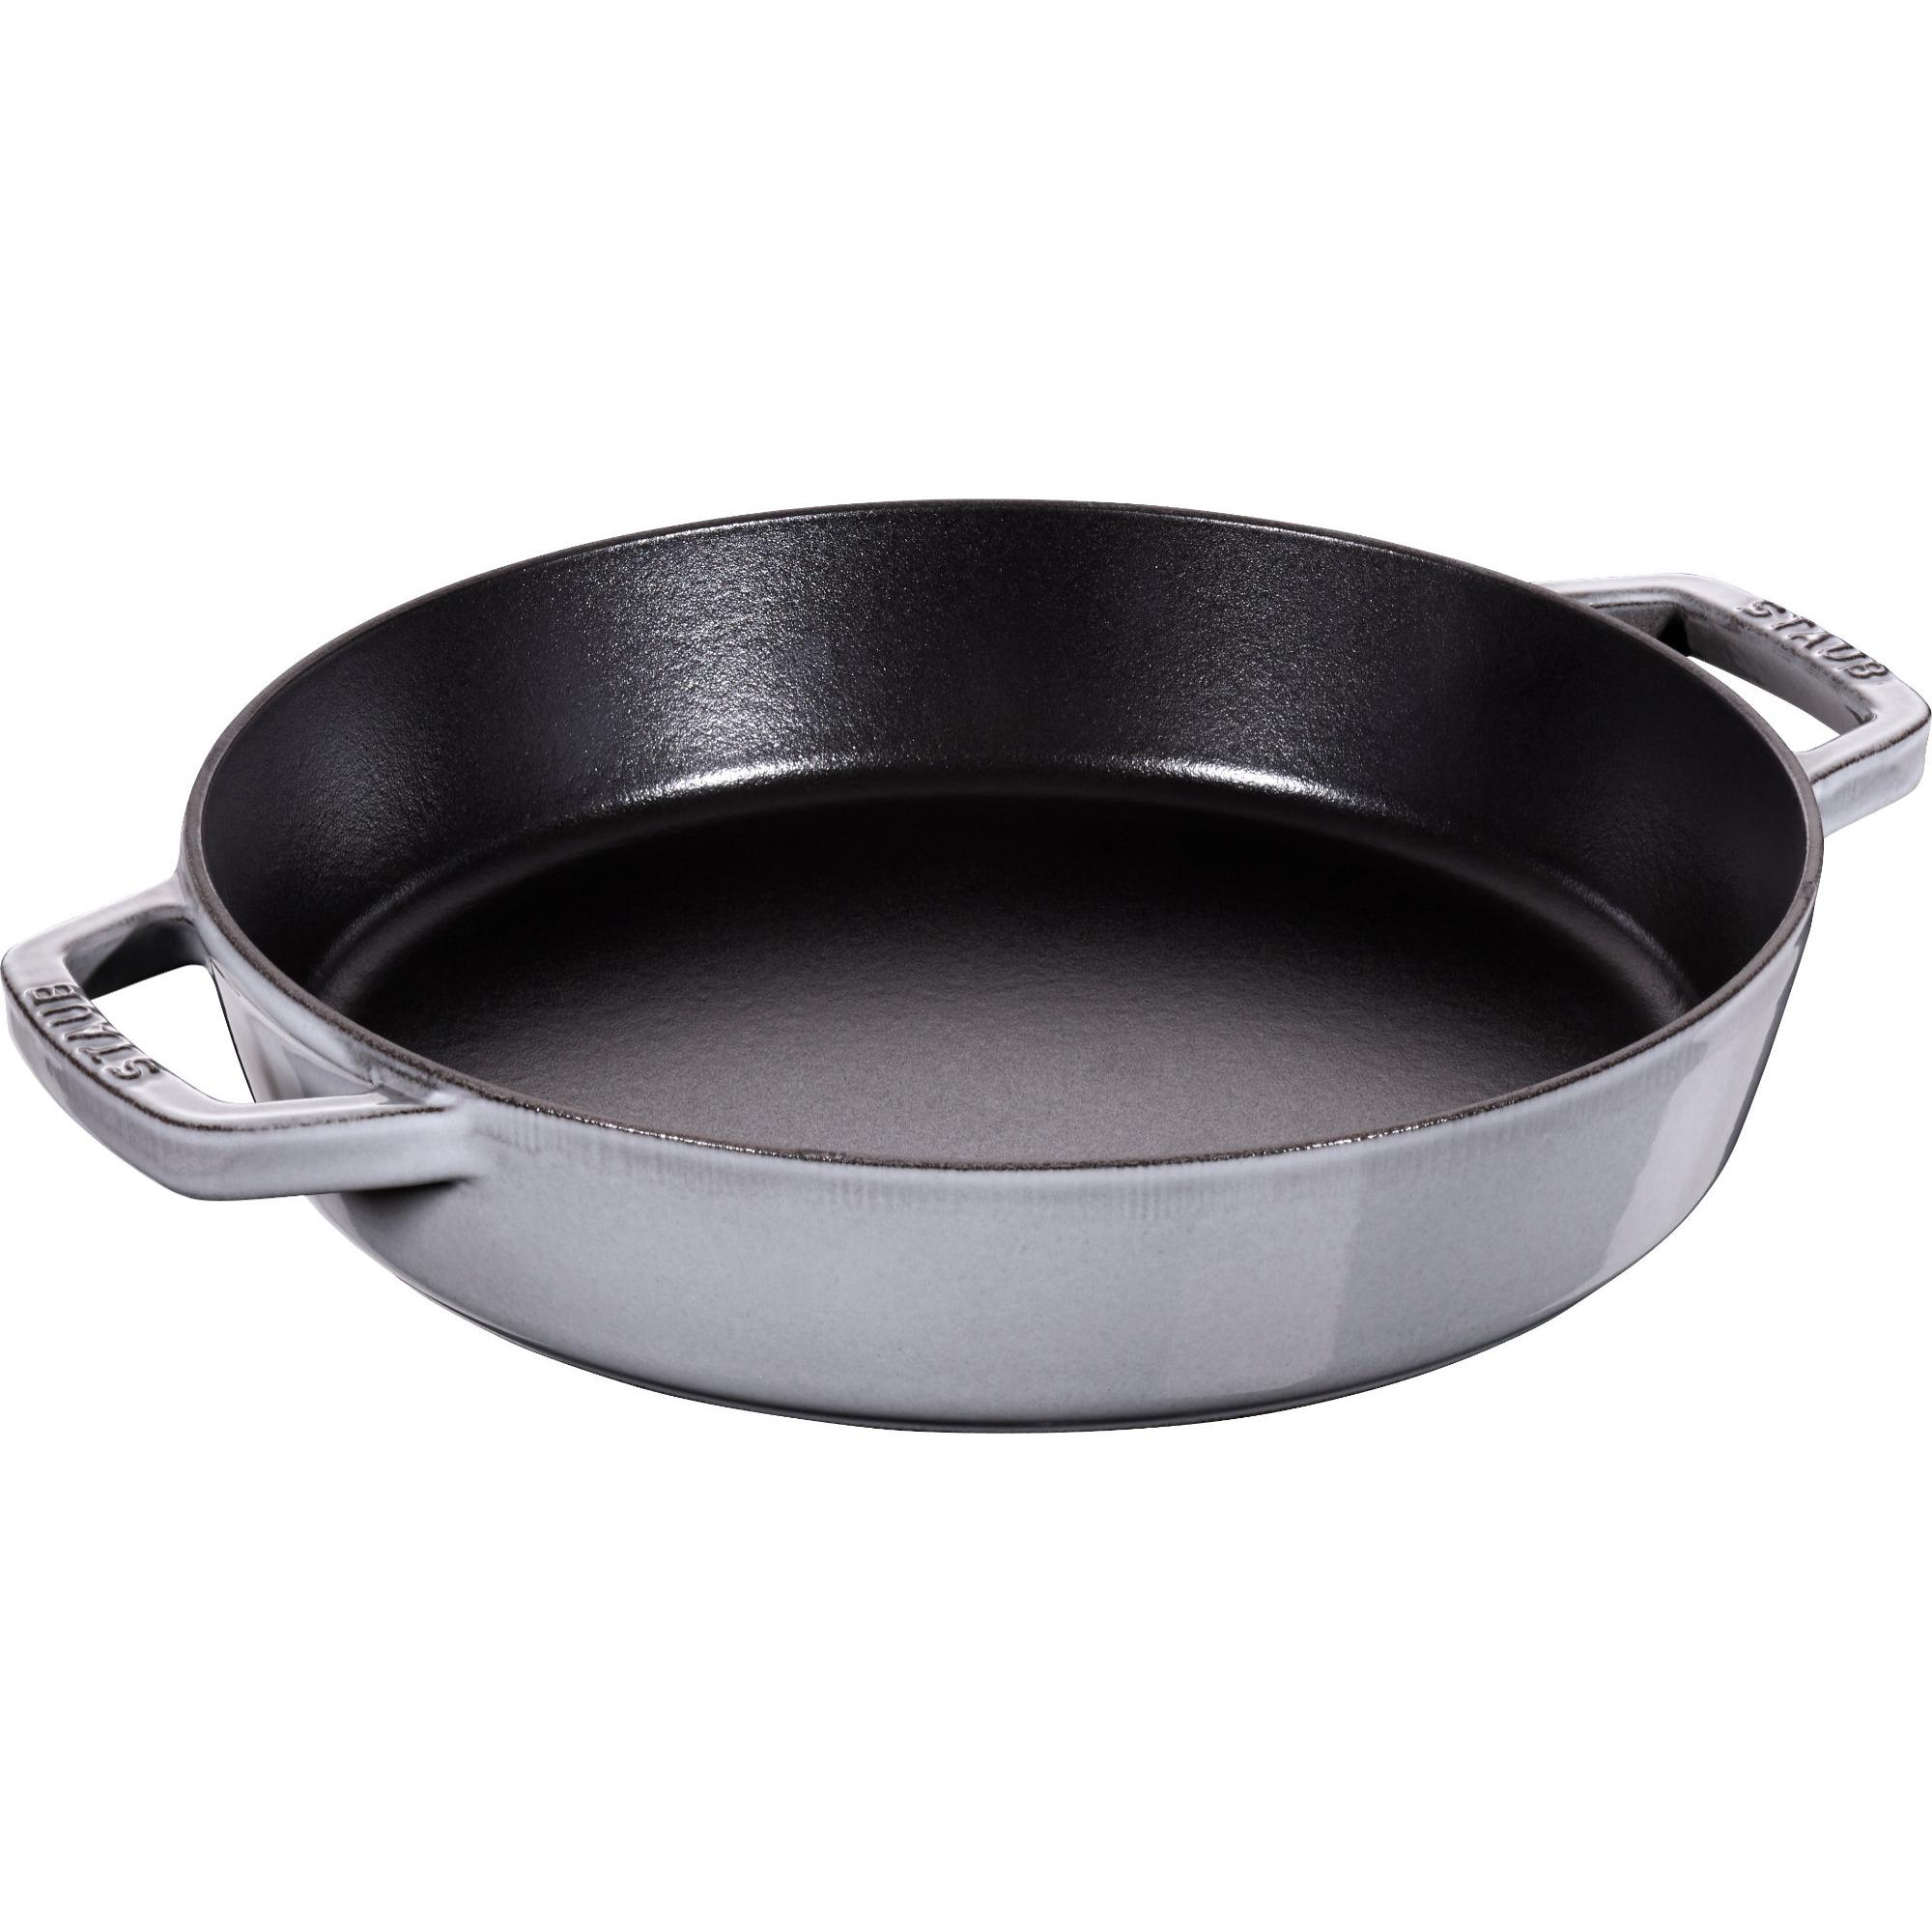 Staub Pans Series Sautépanna med Två Handtag Grå 26 cm